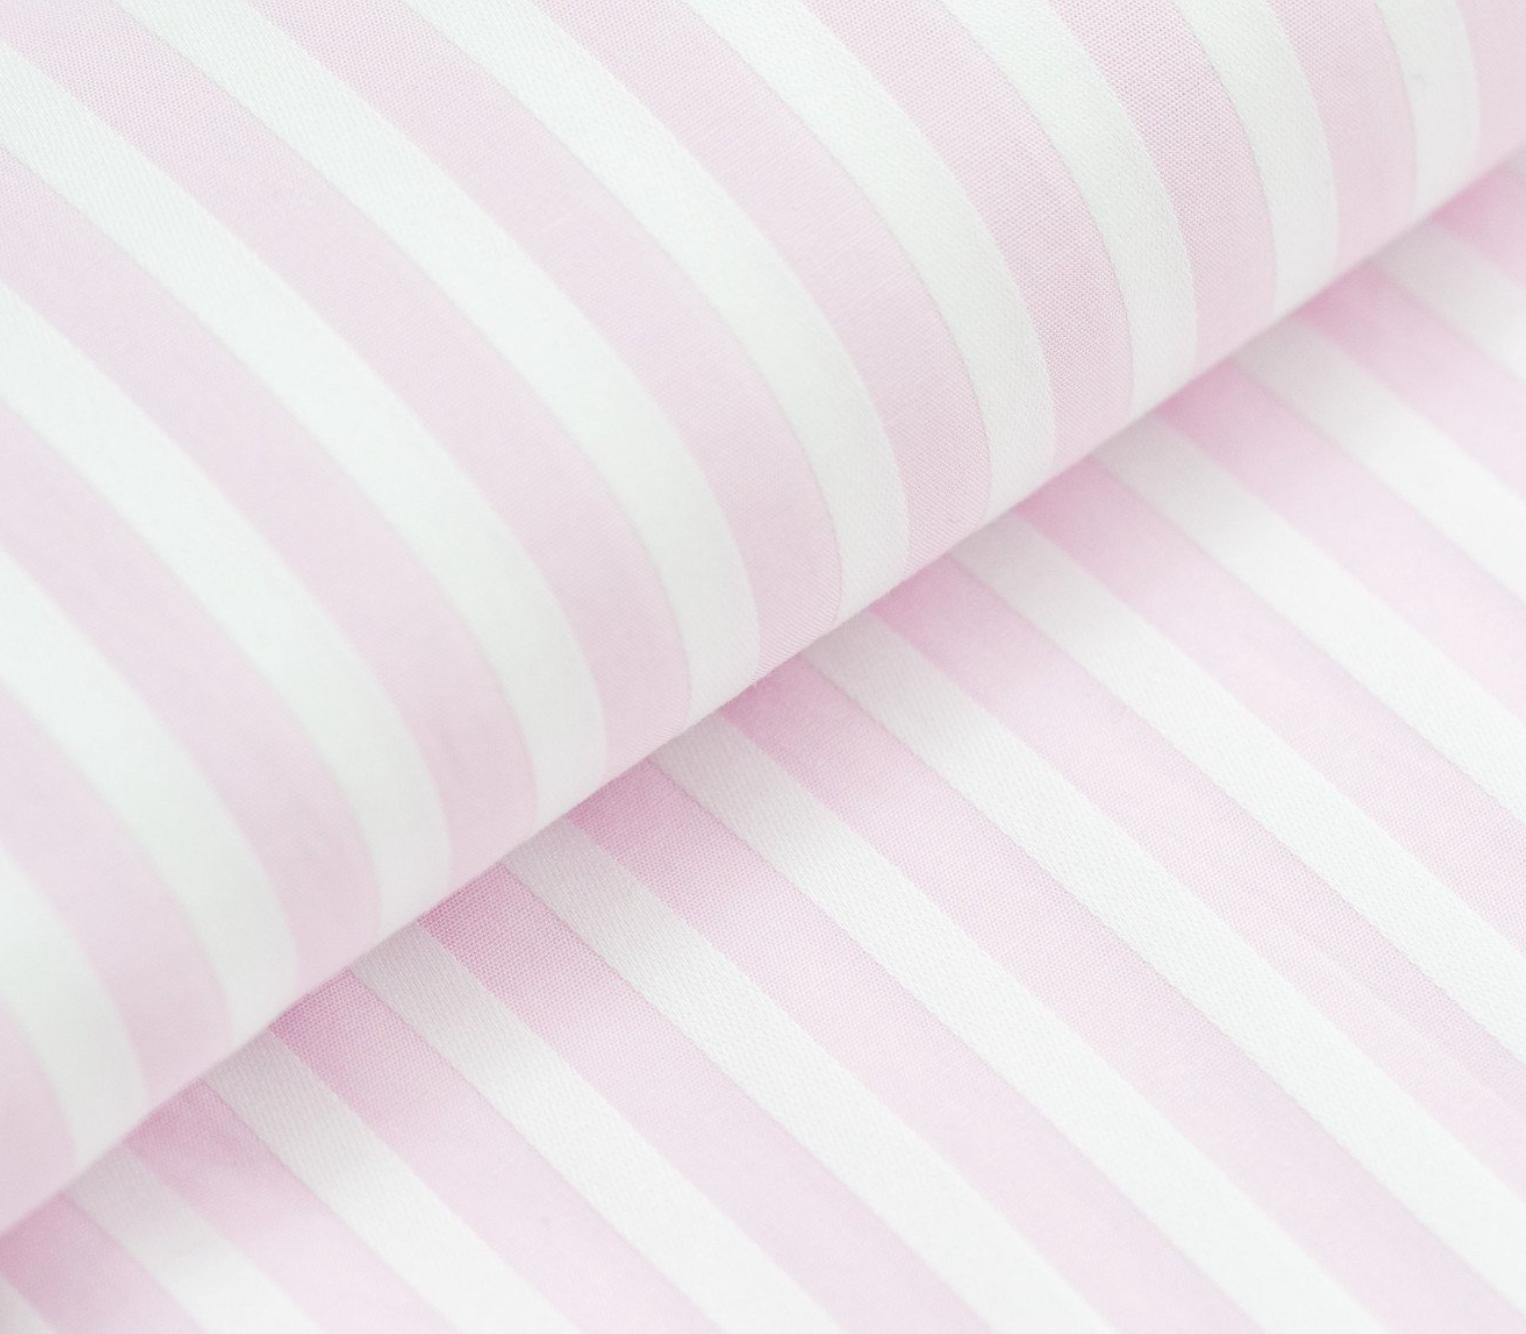 Kip - Treat Yourself Pink Pajama Stripe Set